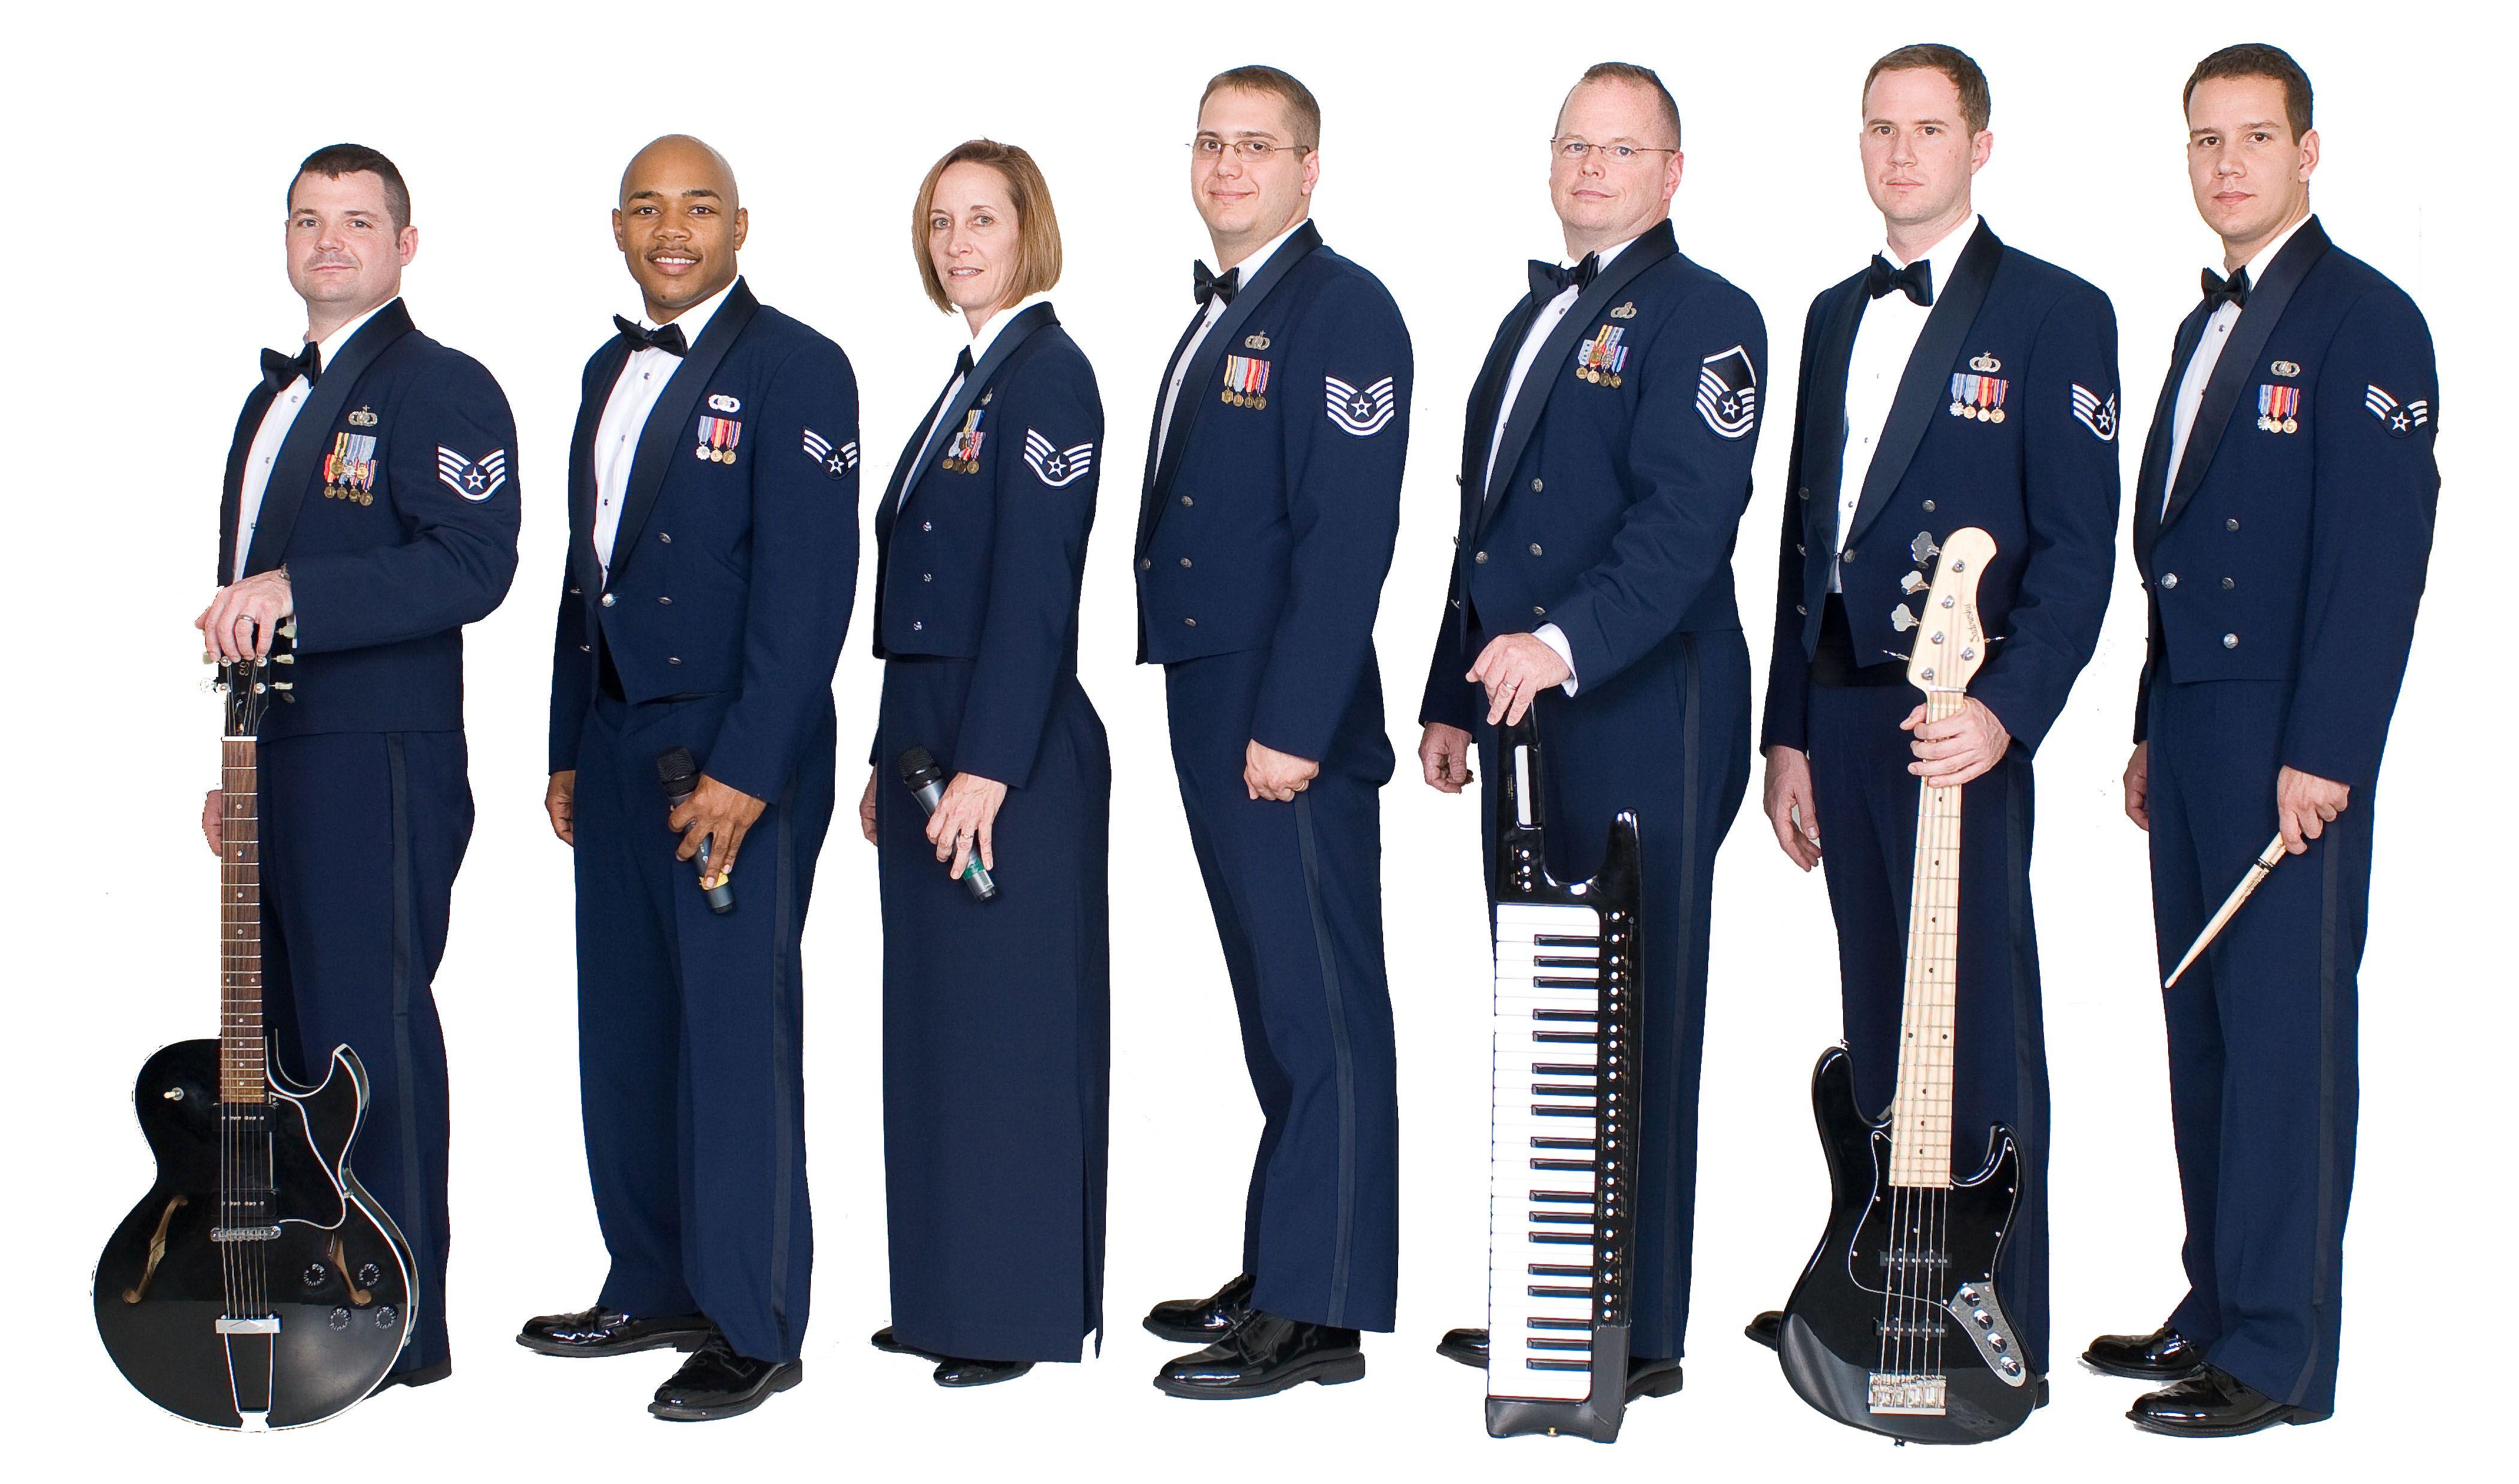 Pictures air force uniform dress